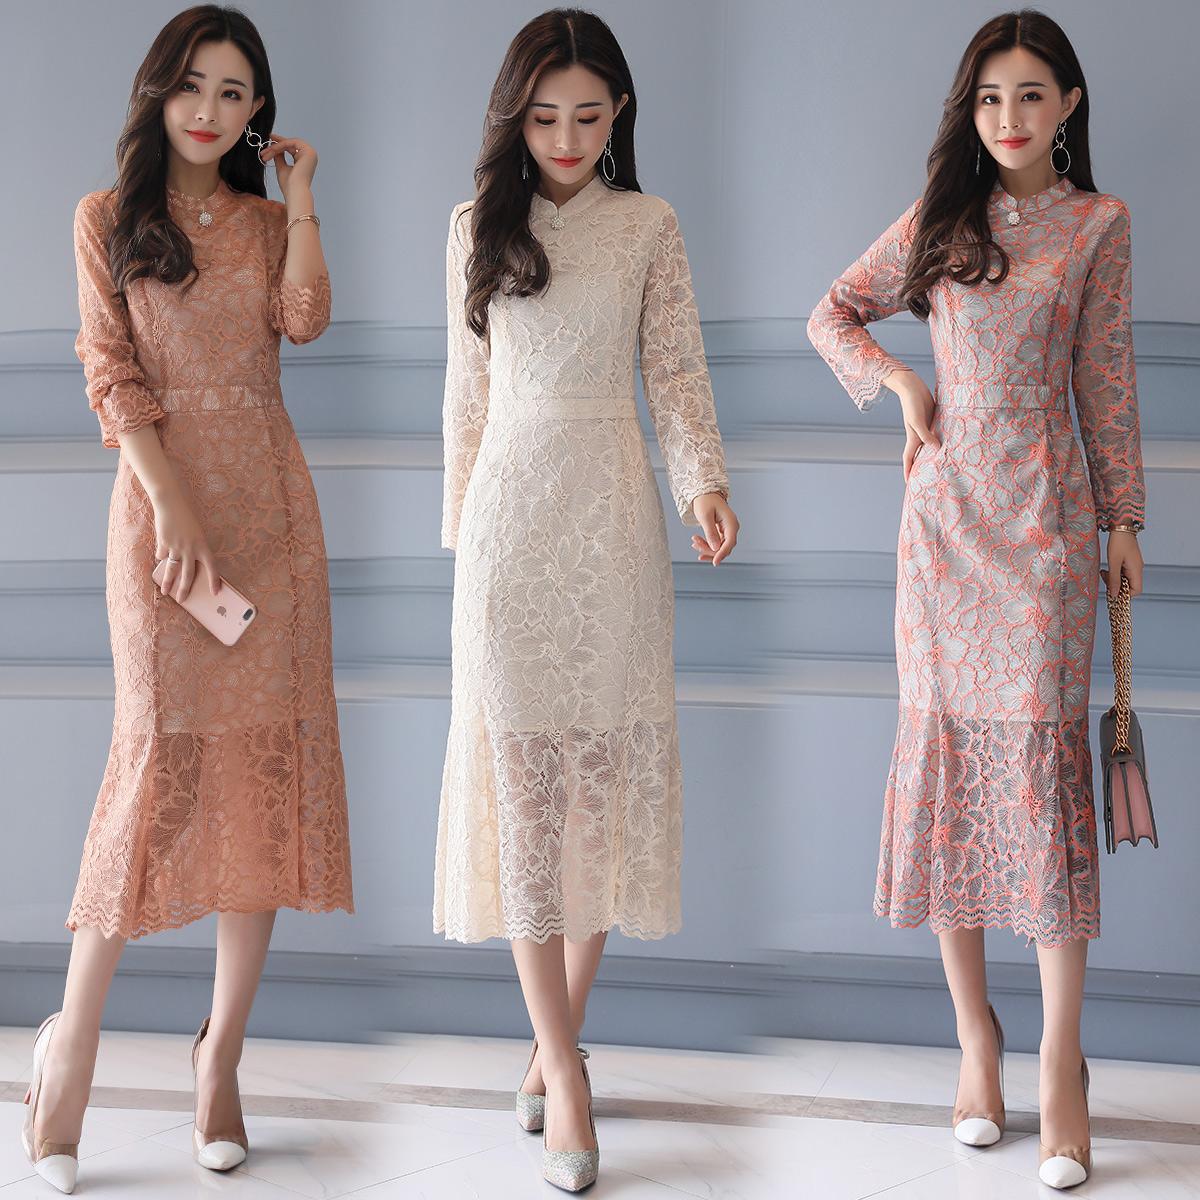 片段女装曼德诗大码布景2018夏装新款蘑菇小象通勤长袖蕾丝连衣裙